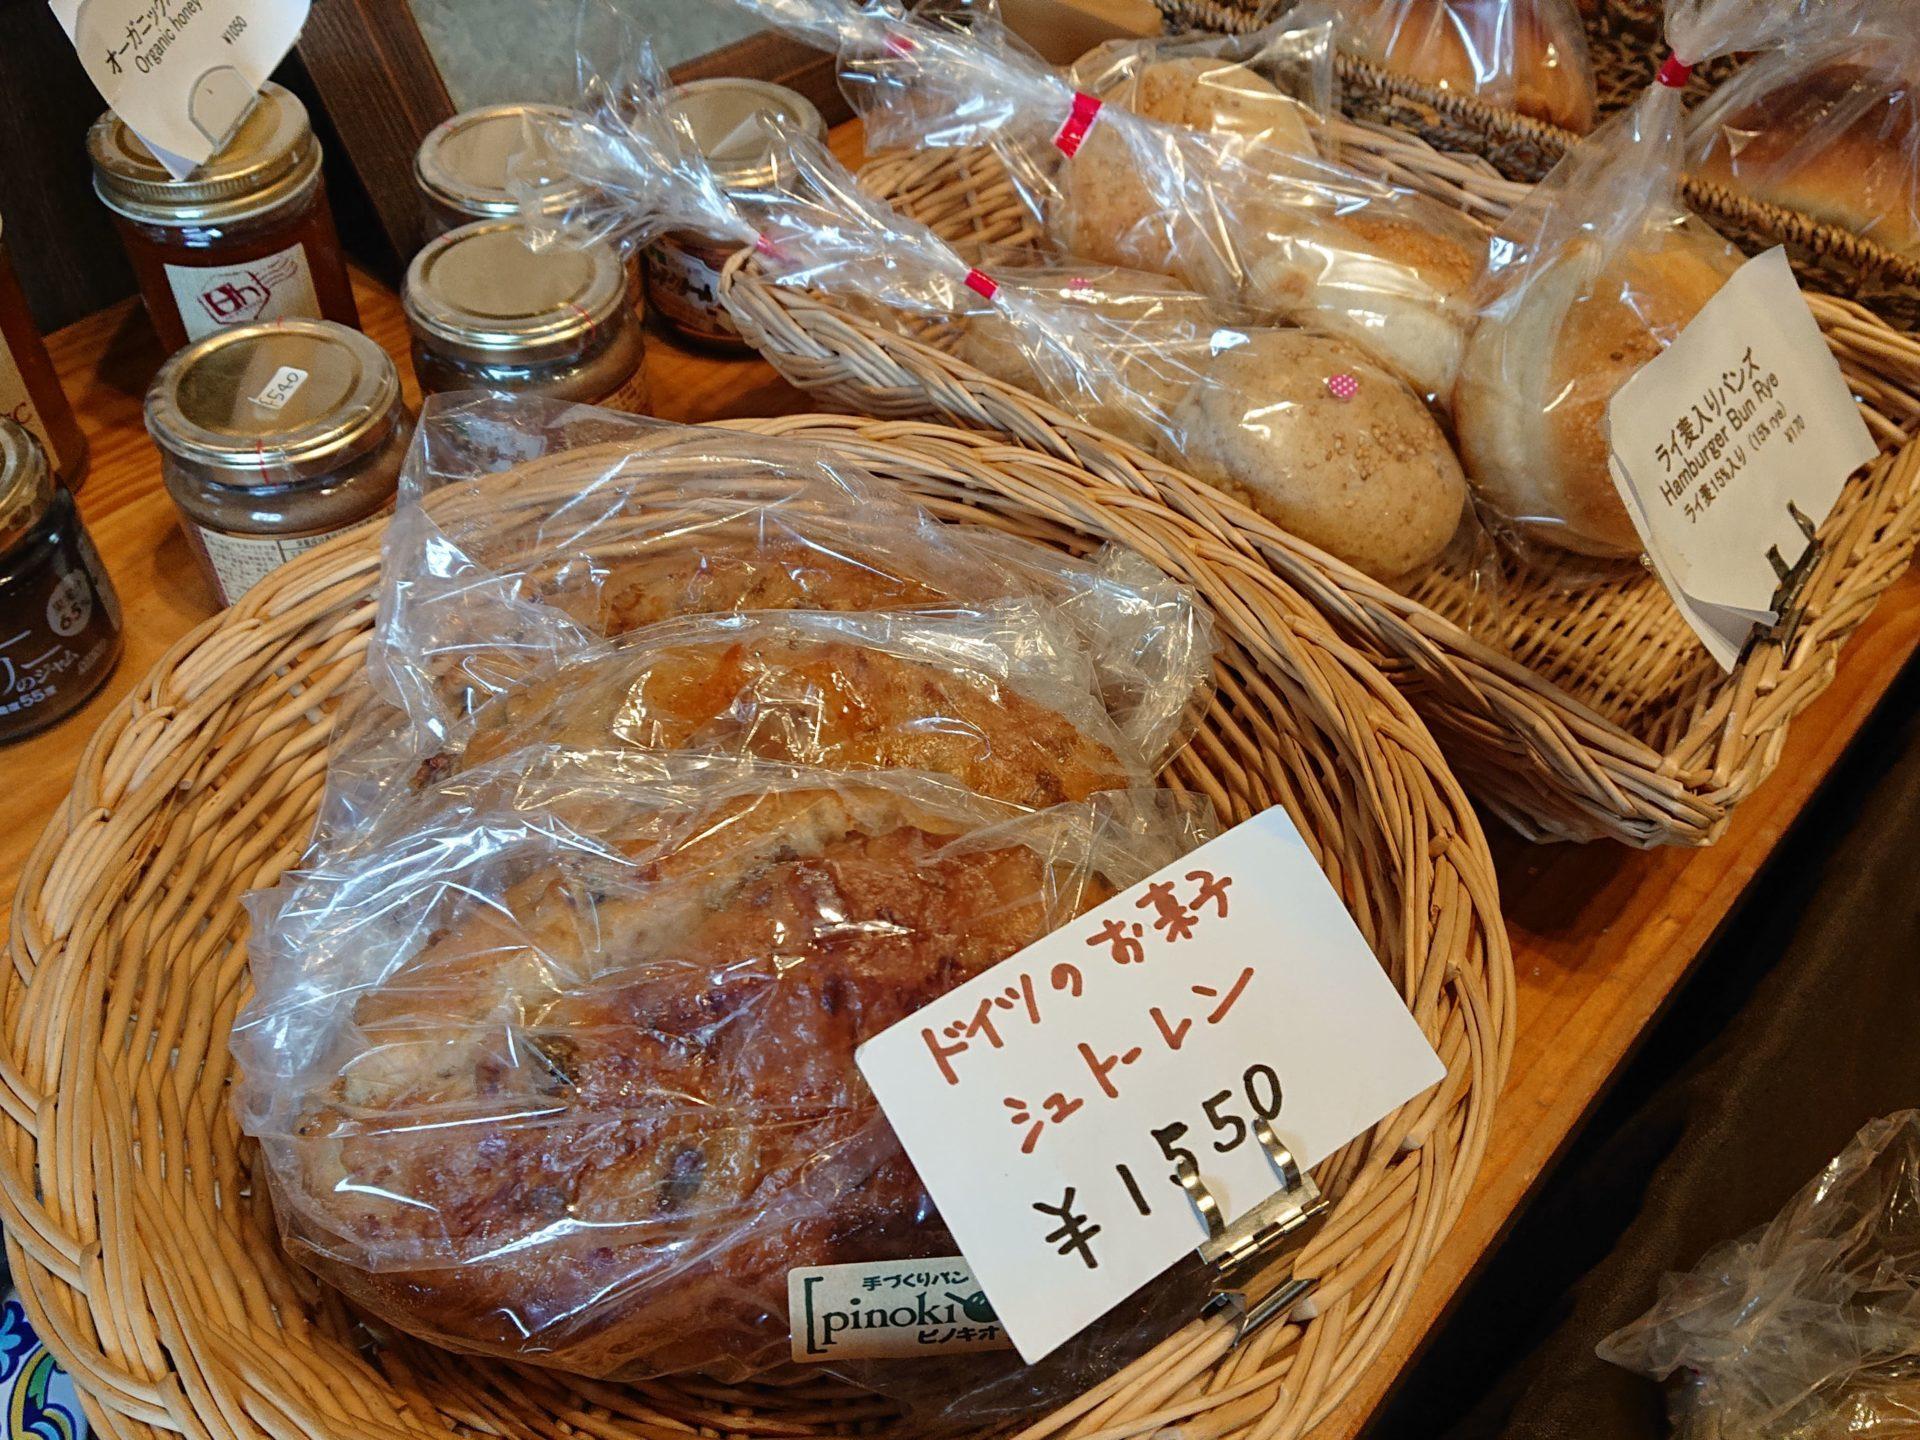 写真(大):手作りパン ピノキオ